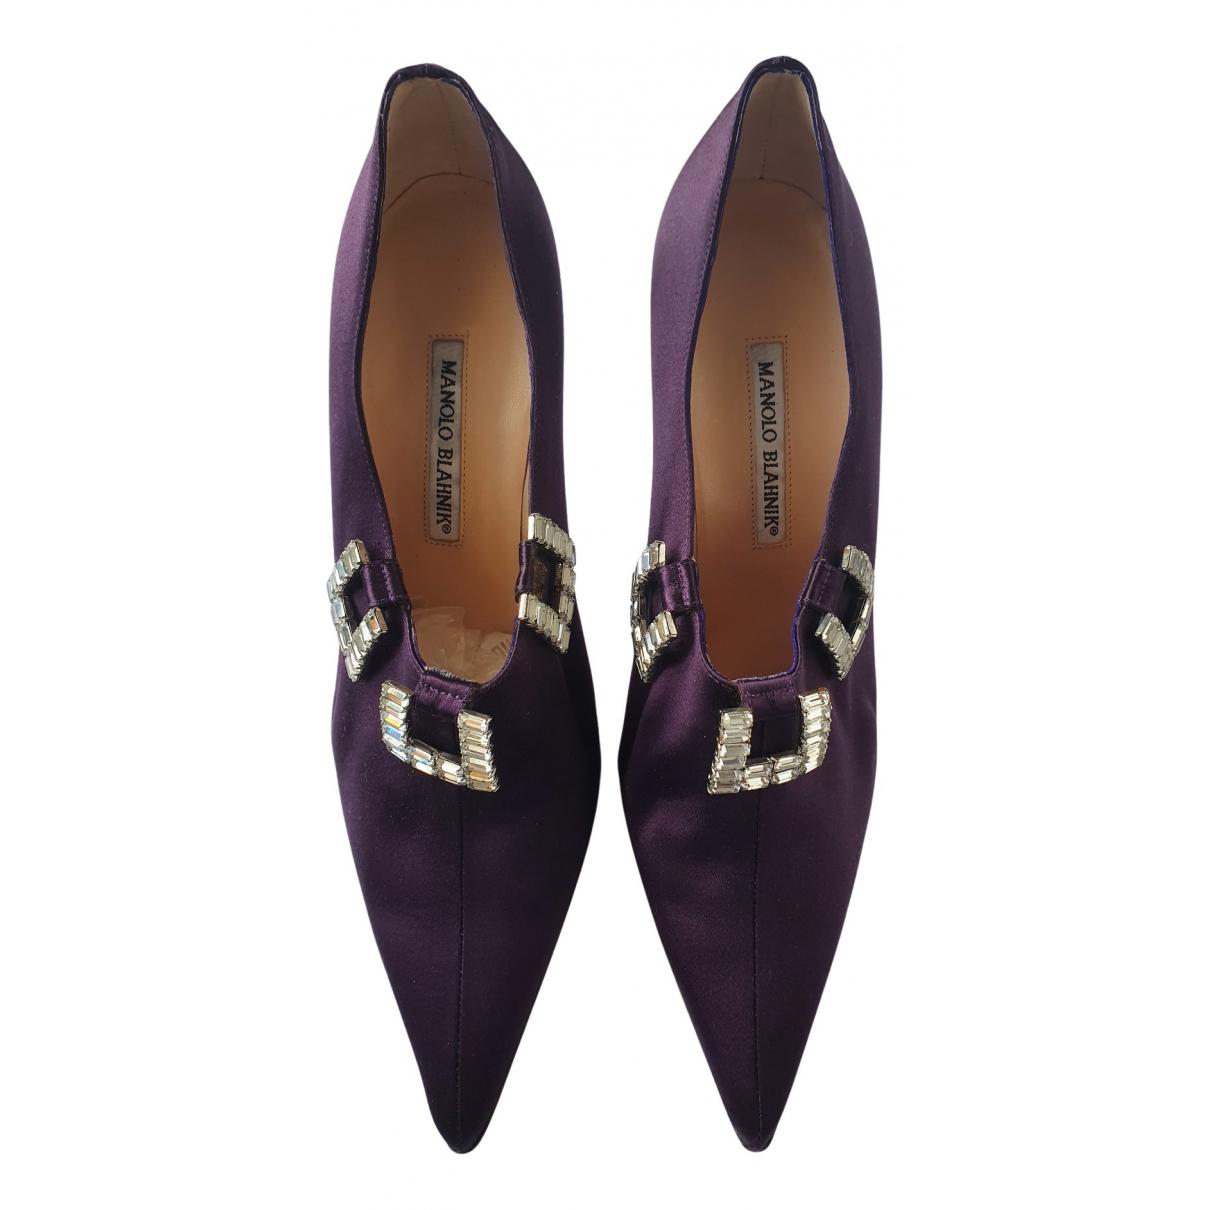 Manolo Blahnik - Escarpins   pour femme - violet